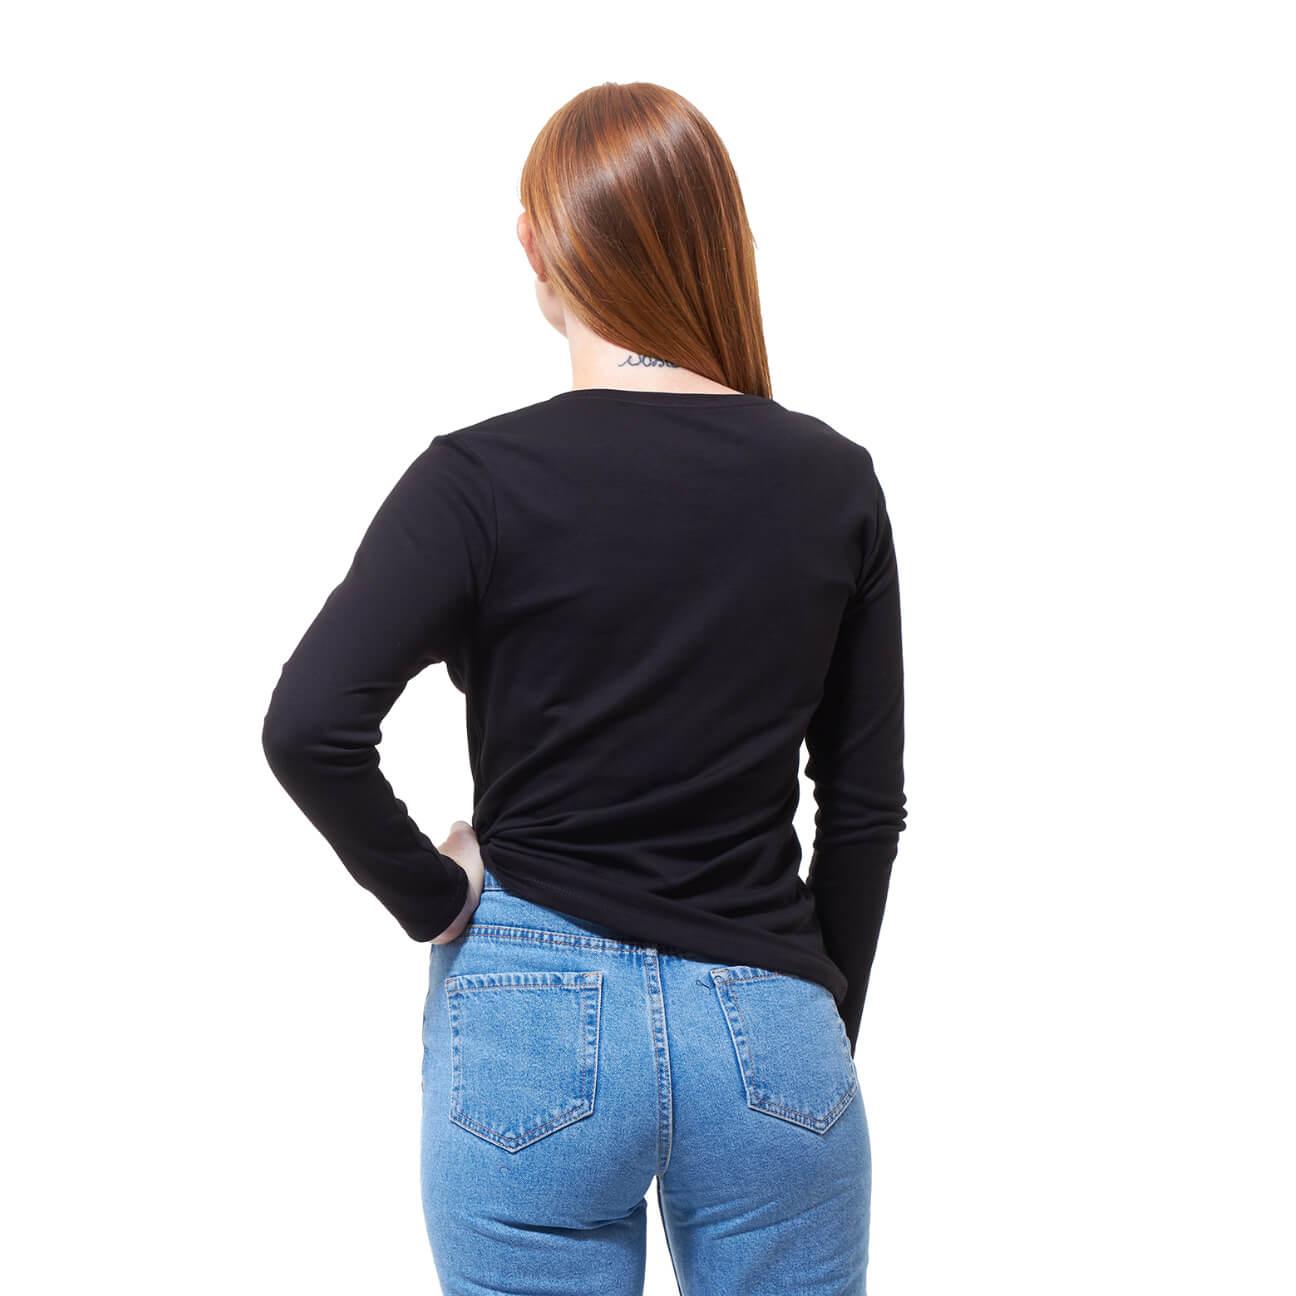 Franela basica dama manga larga negra espalda